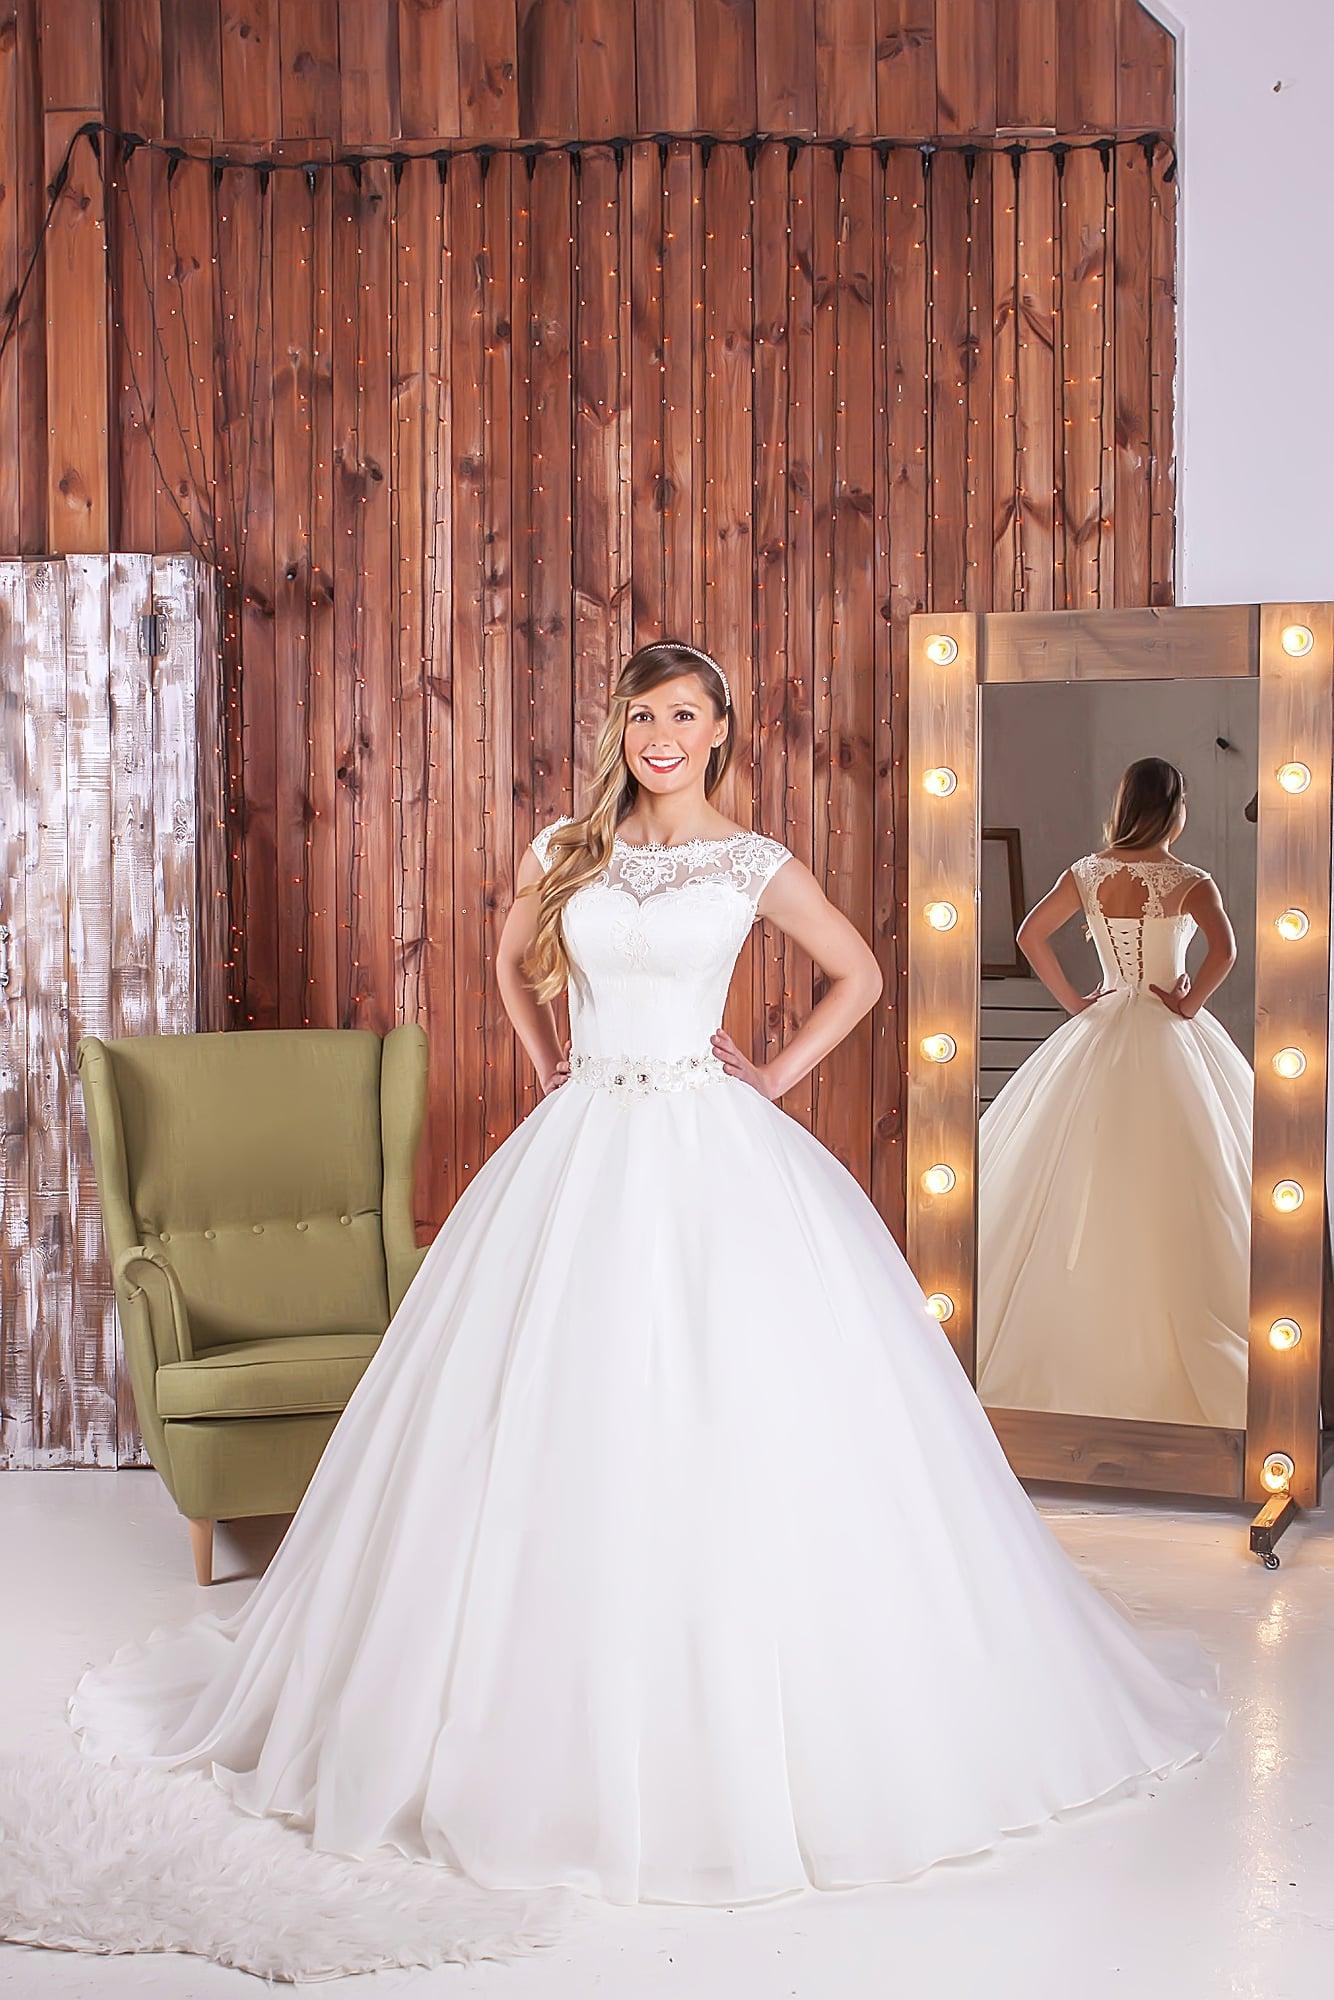 Пышное свадебное платье с кружевной вставкой над лифом и вырезом «замочная скважина» сзади.